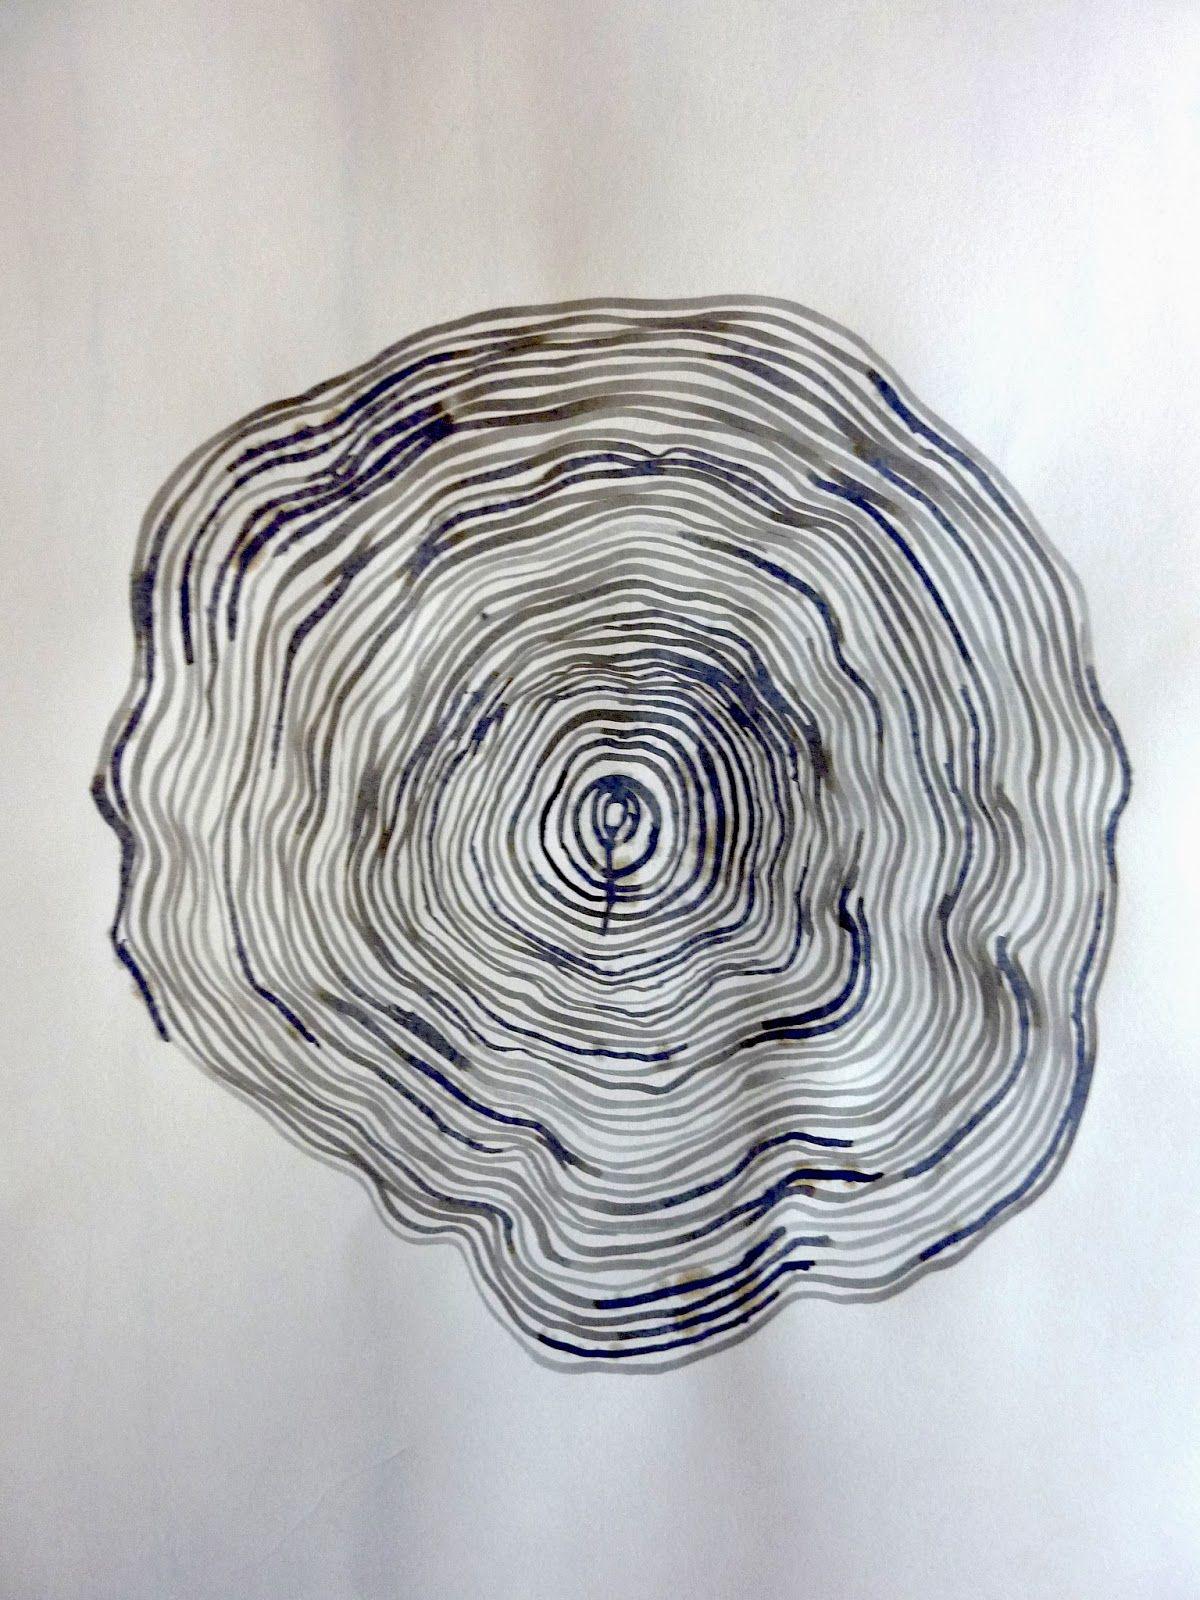 tree ring drawing tattoo inspiration | tattoo | Tree ring ...